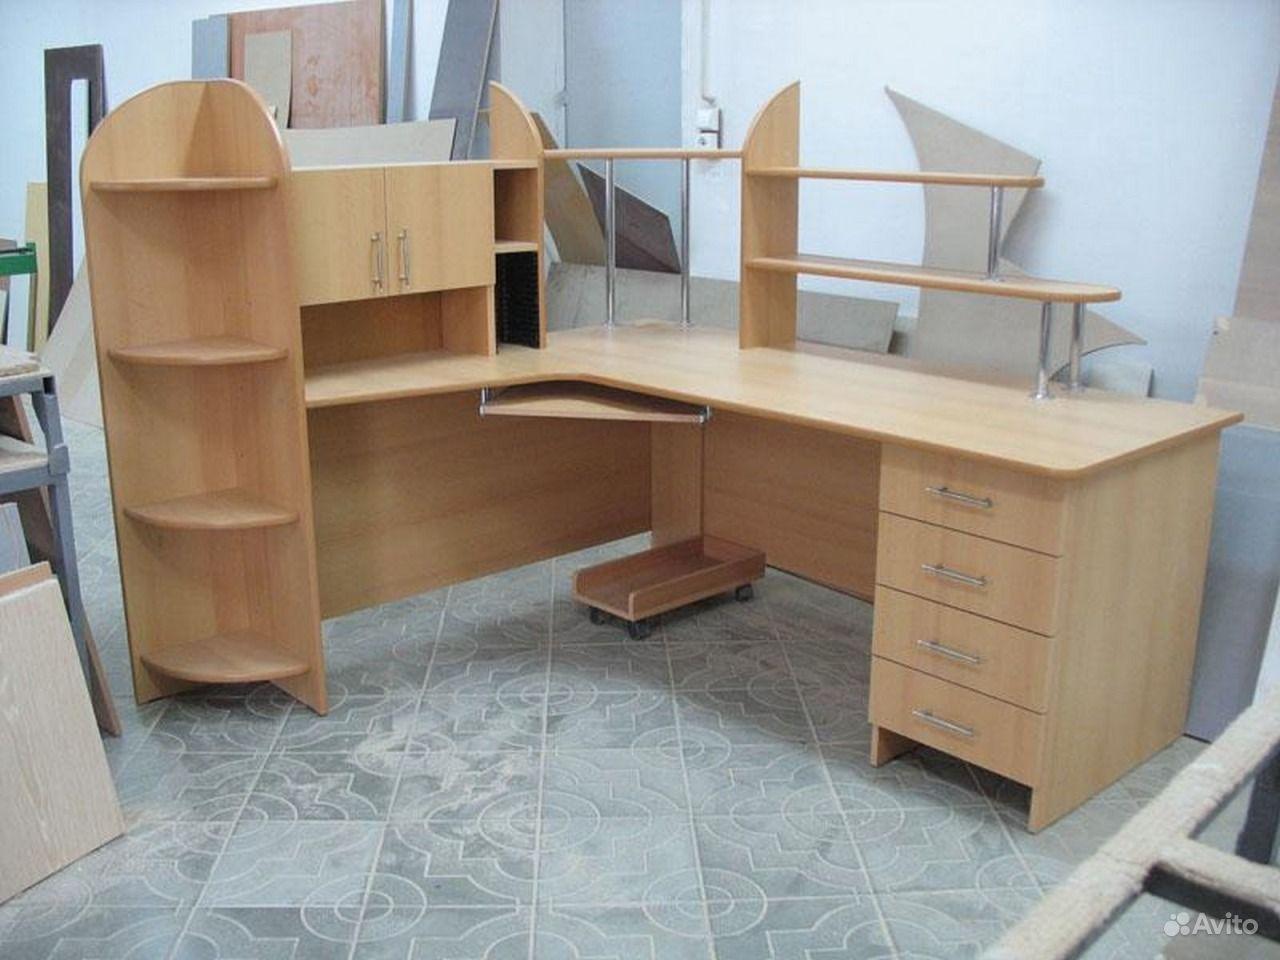 Компьютерные столы и кресла в московской области, разместить.